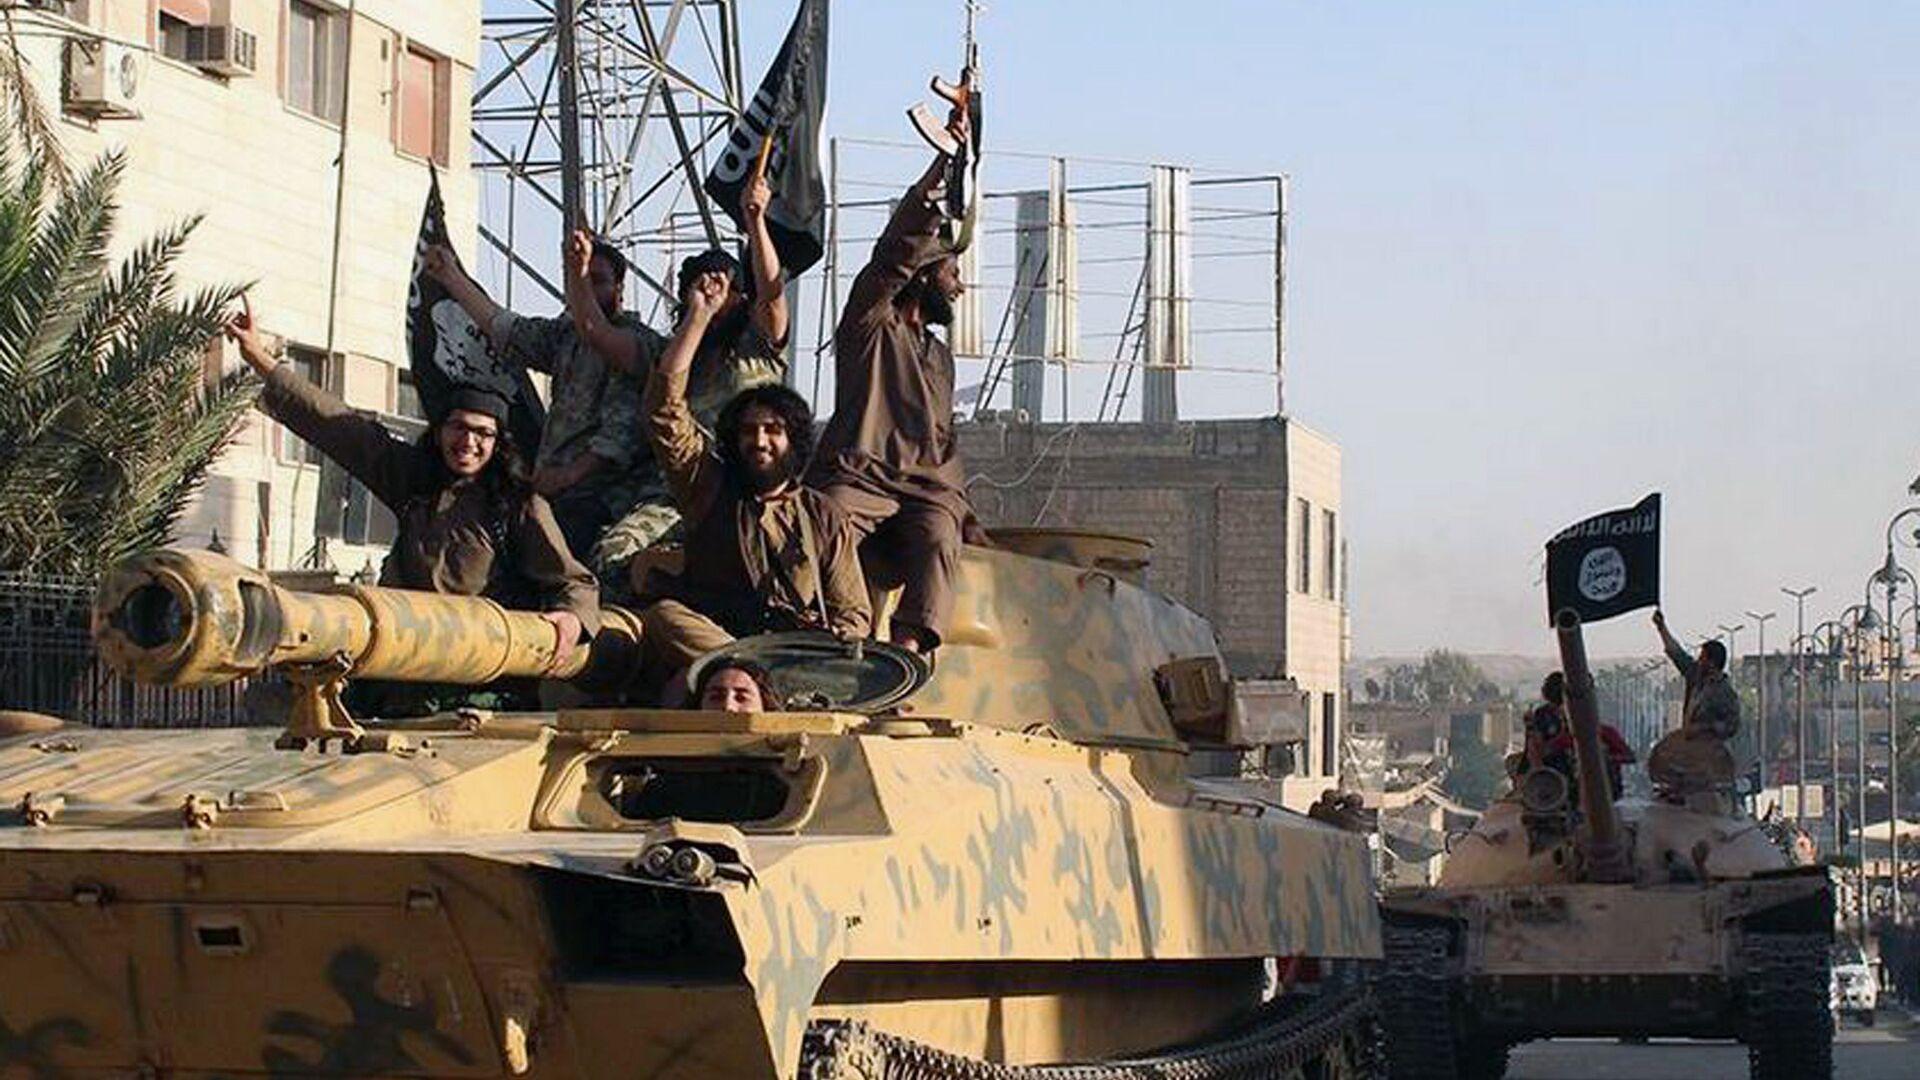 Боевики террористической группировки Исламское государство (ИГ, запрещена в РФ) в городе Ракка, Сирия - РИА Новости, 1920, 04.11.2020